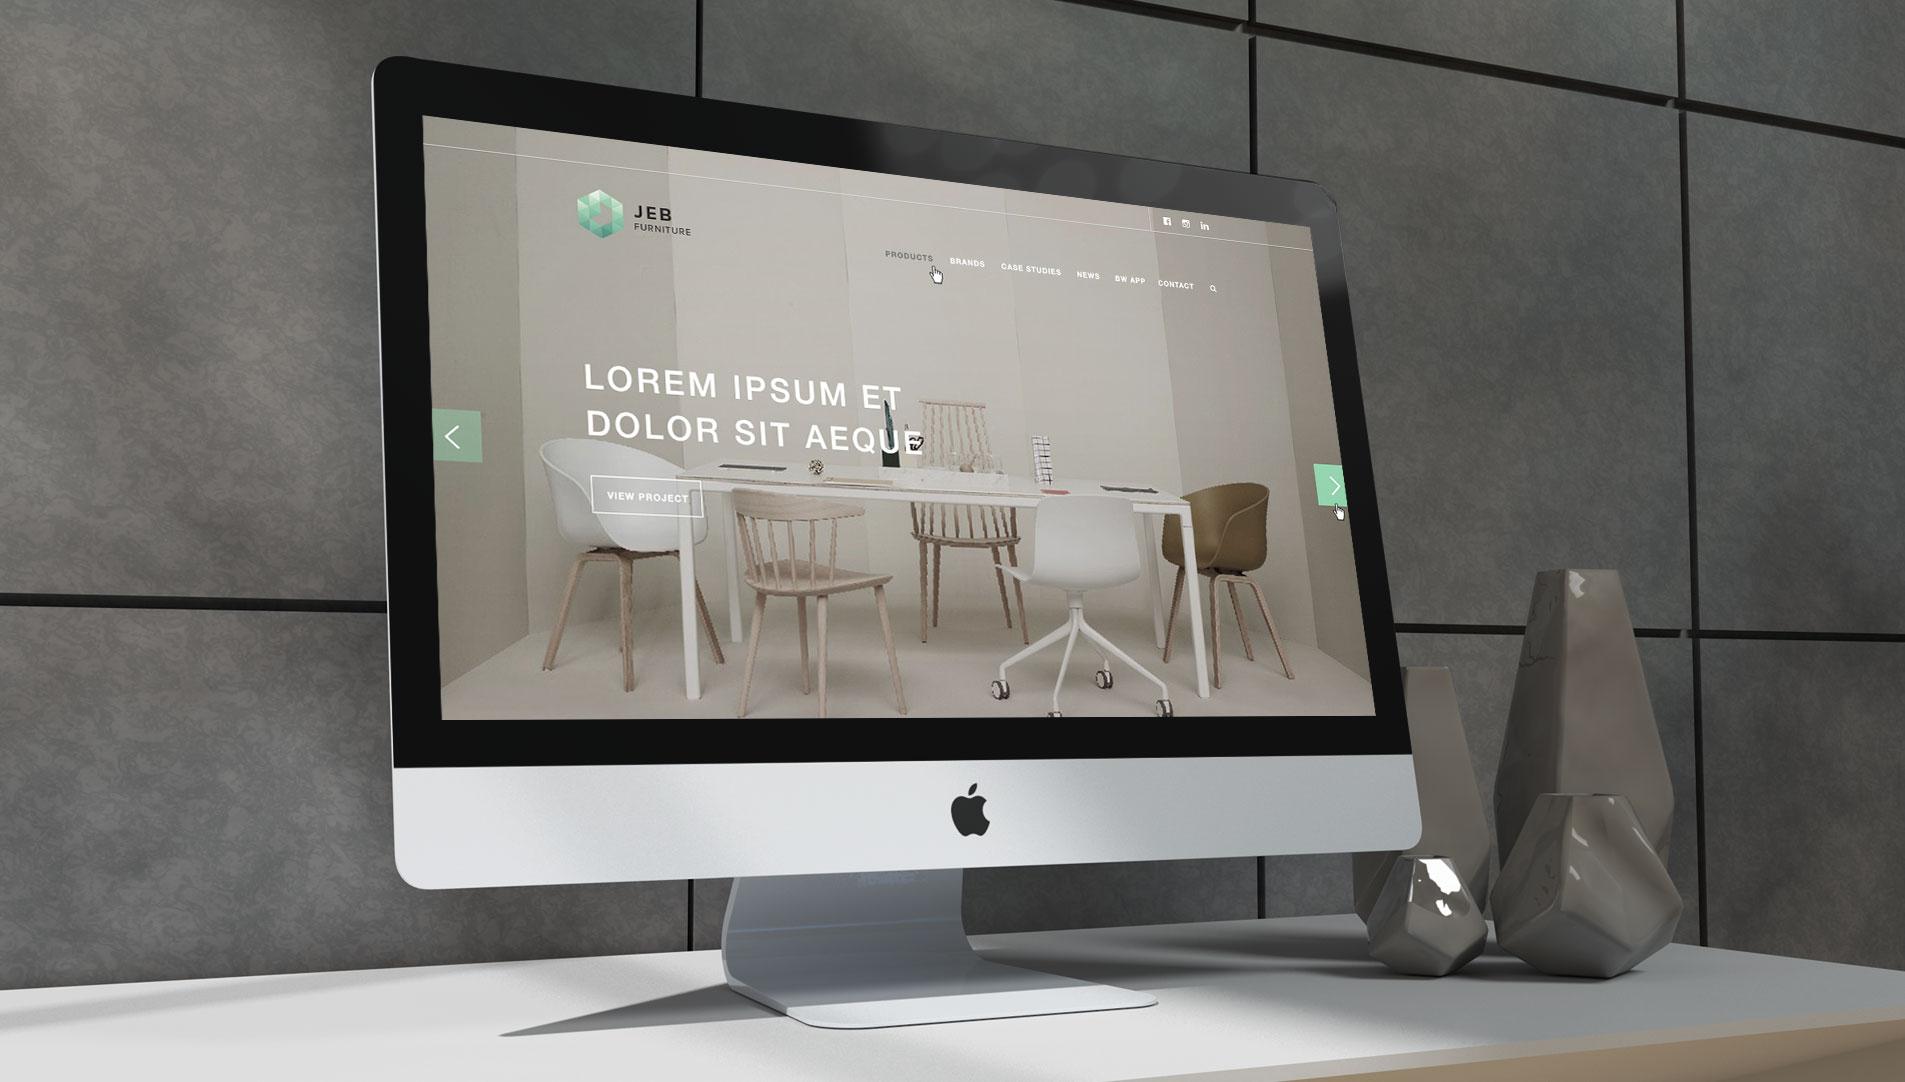 web design hk jeb slideshow 03